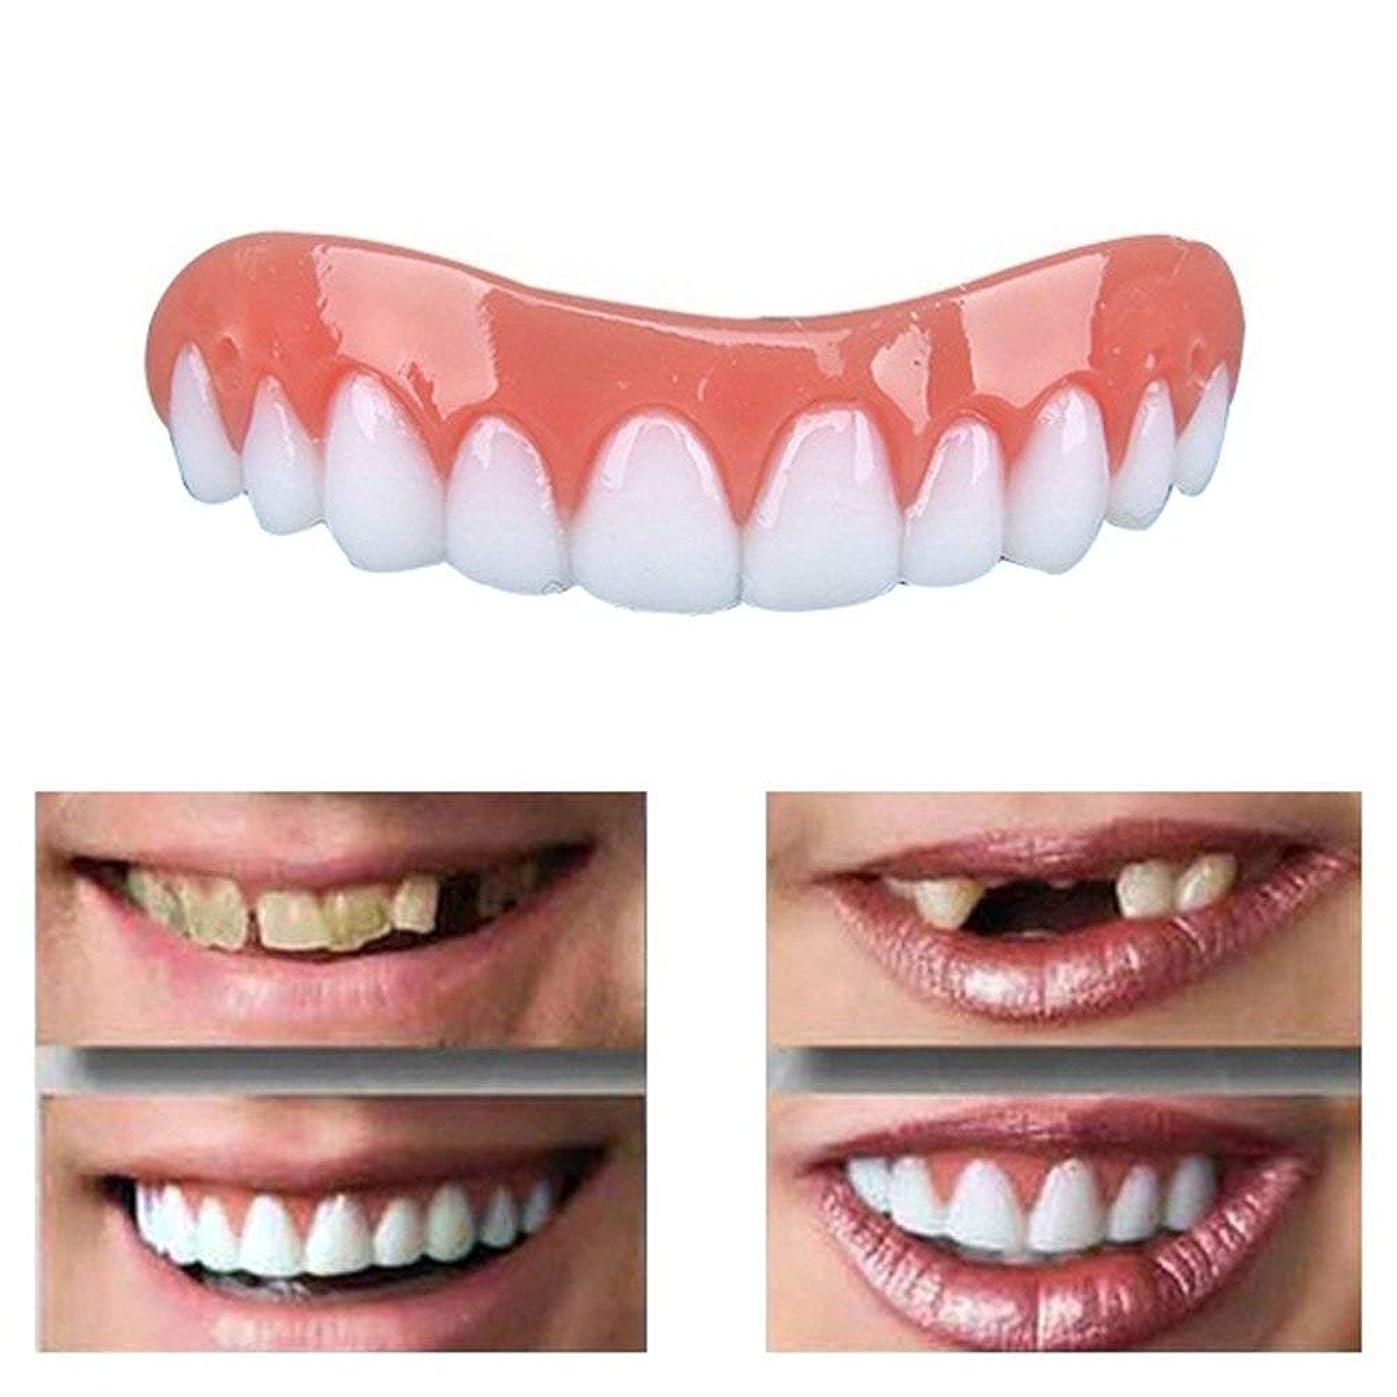 奇跡病な上級歯ブレース化粧品ホワイトニング偽の歯模擬義歯上と下悪い変身自信を持って笑顔ボックスと上下の歯セット,2Pairs